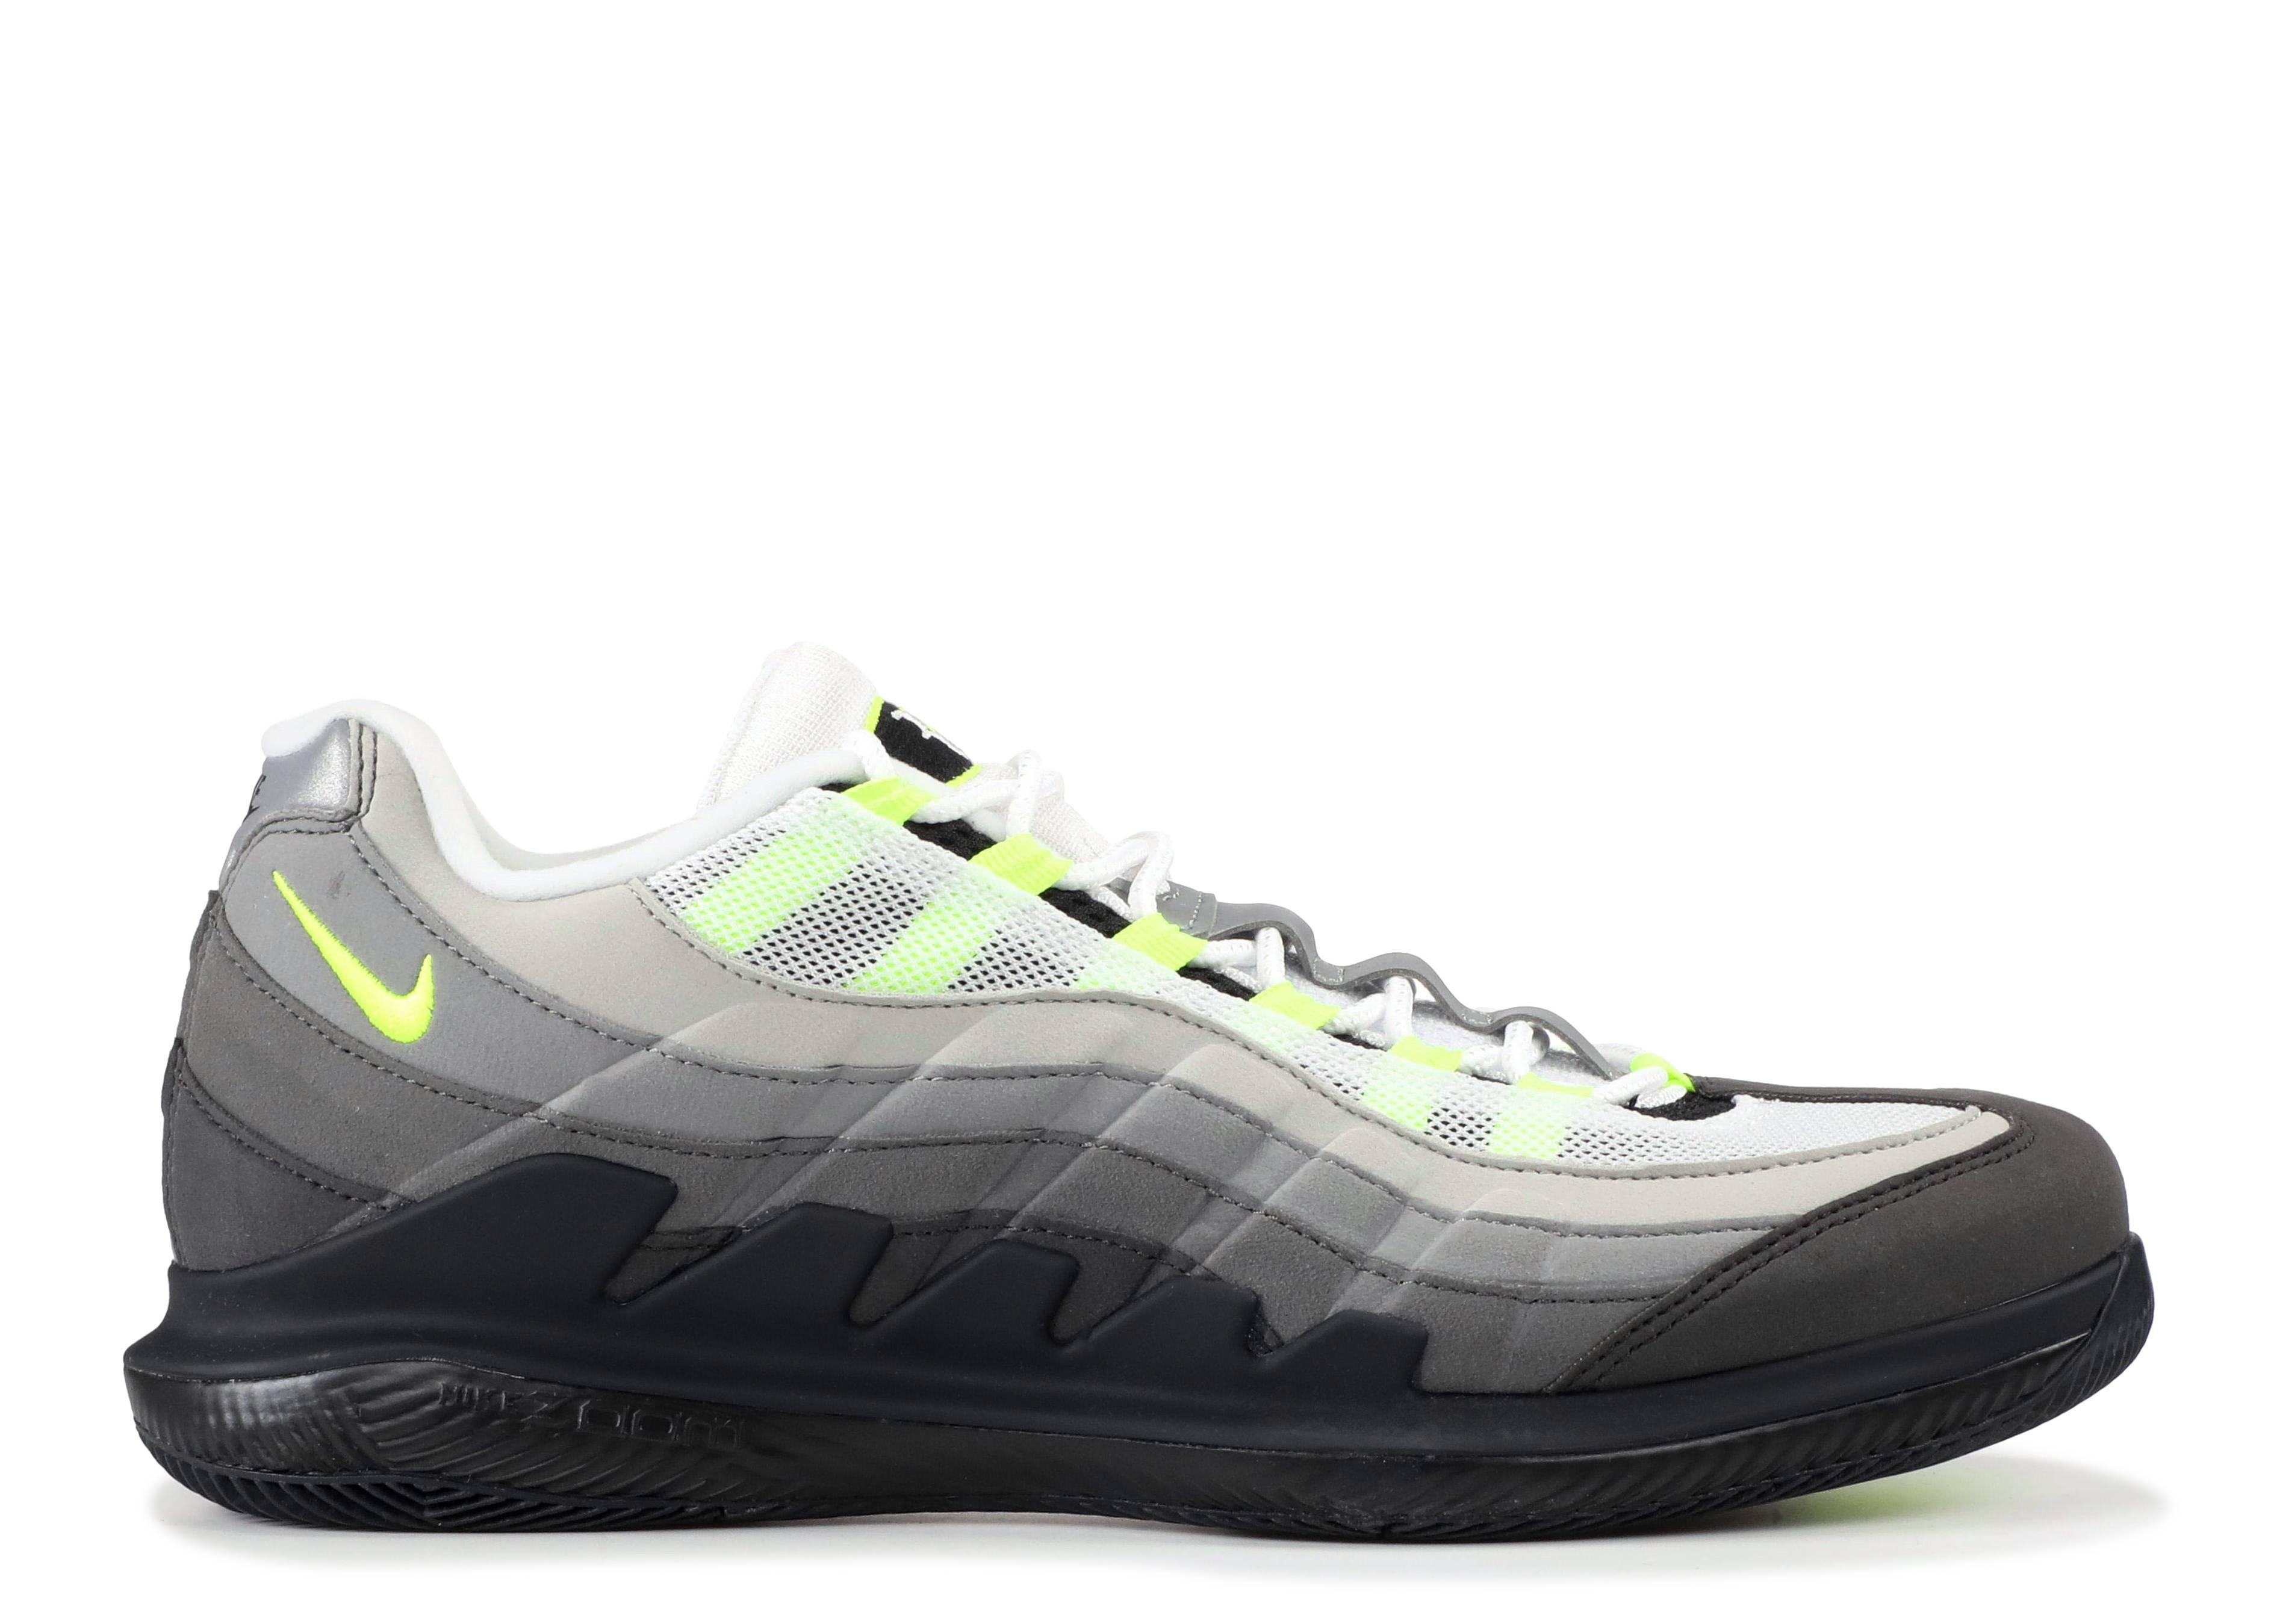 6a71c55da47c Nike Zoom Vapor RF X AM 95 - Nike - ao8759 078 - black volt-medium ...